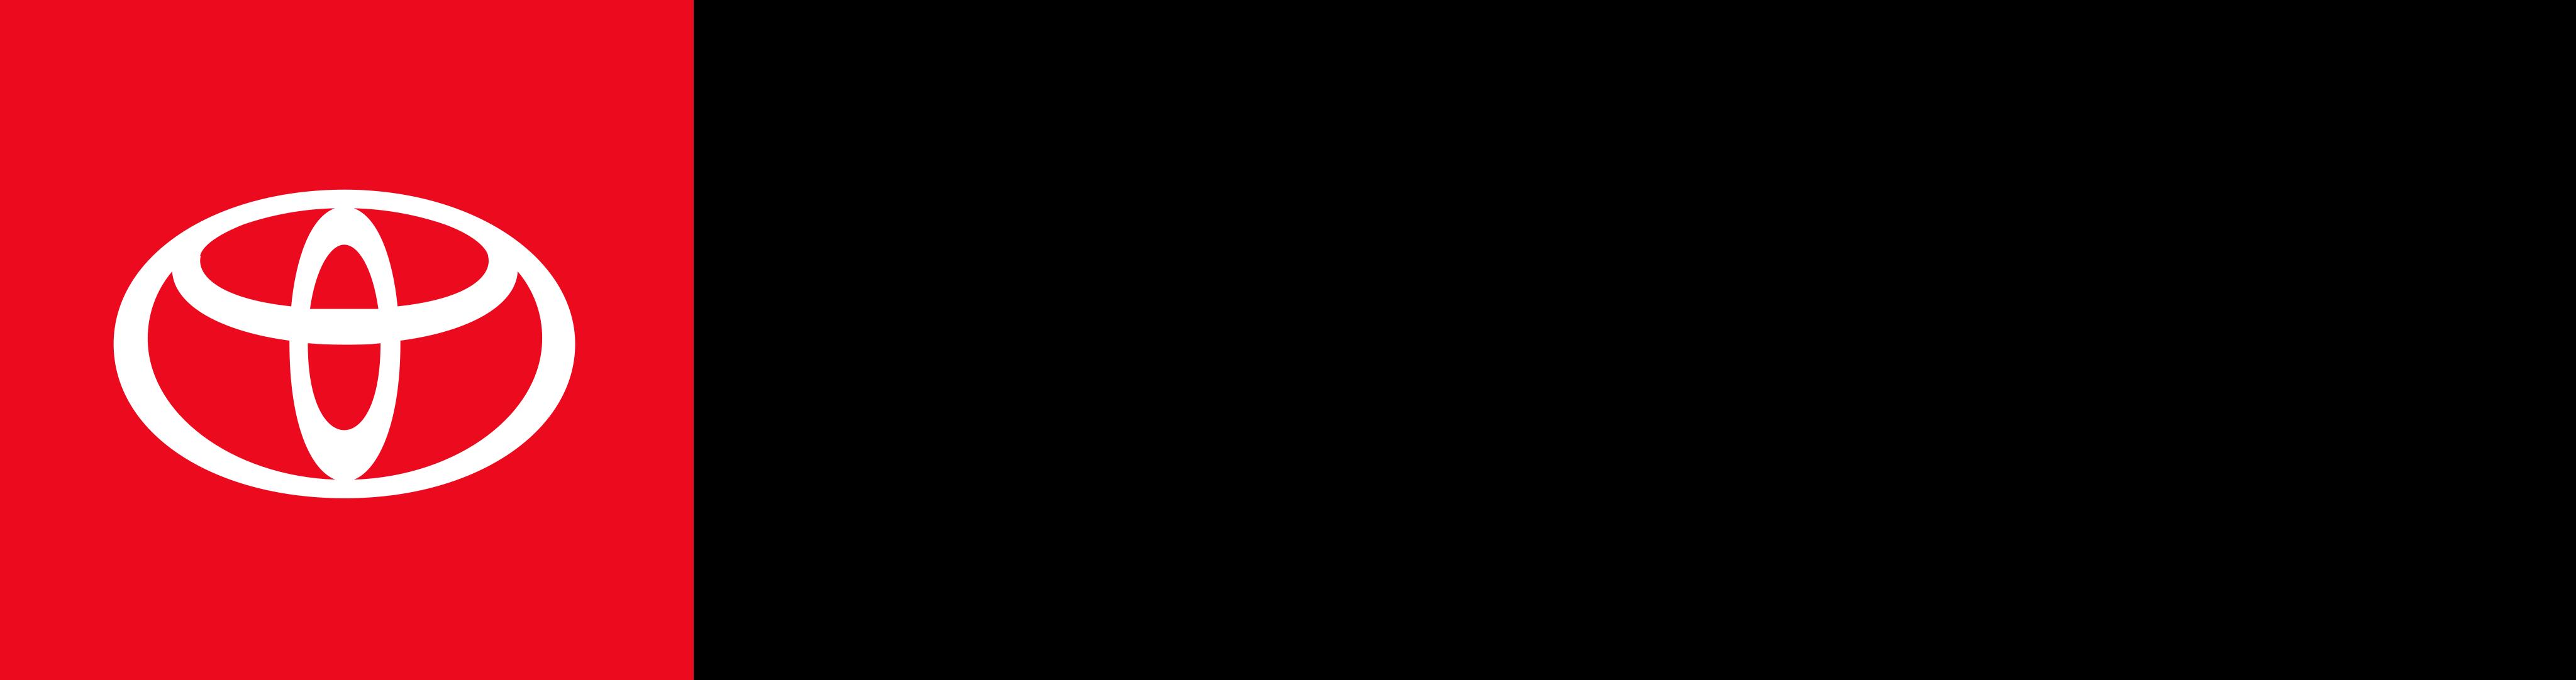 toyota logo 1 - Toyota Logo